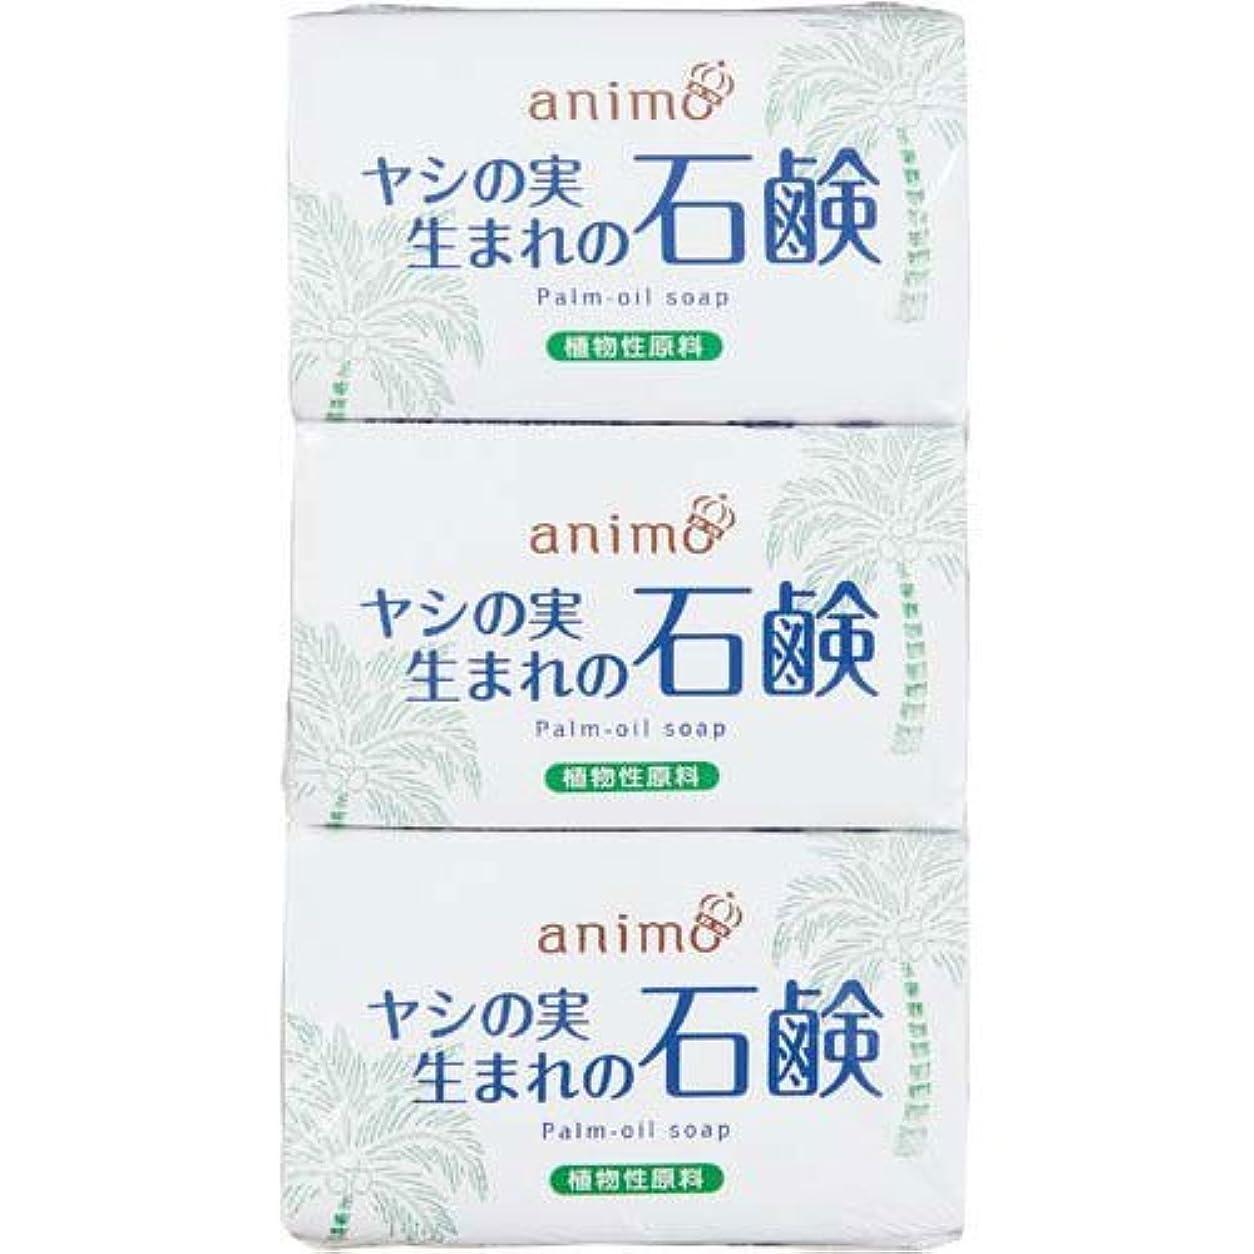 シャベル生態学測るロケット石鹸 ヤシの実石鹸 80g×3個×10パック